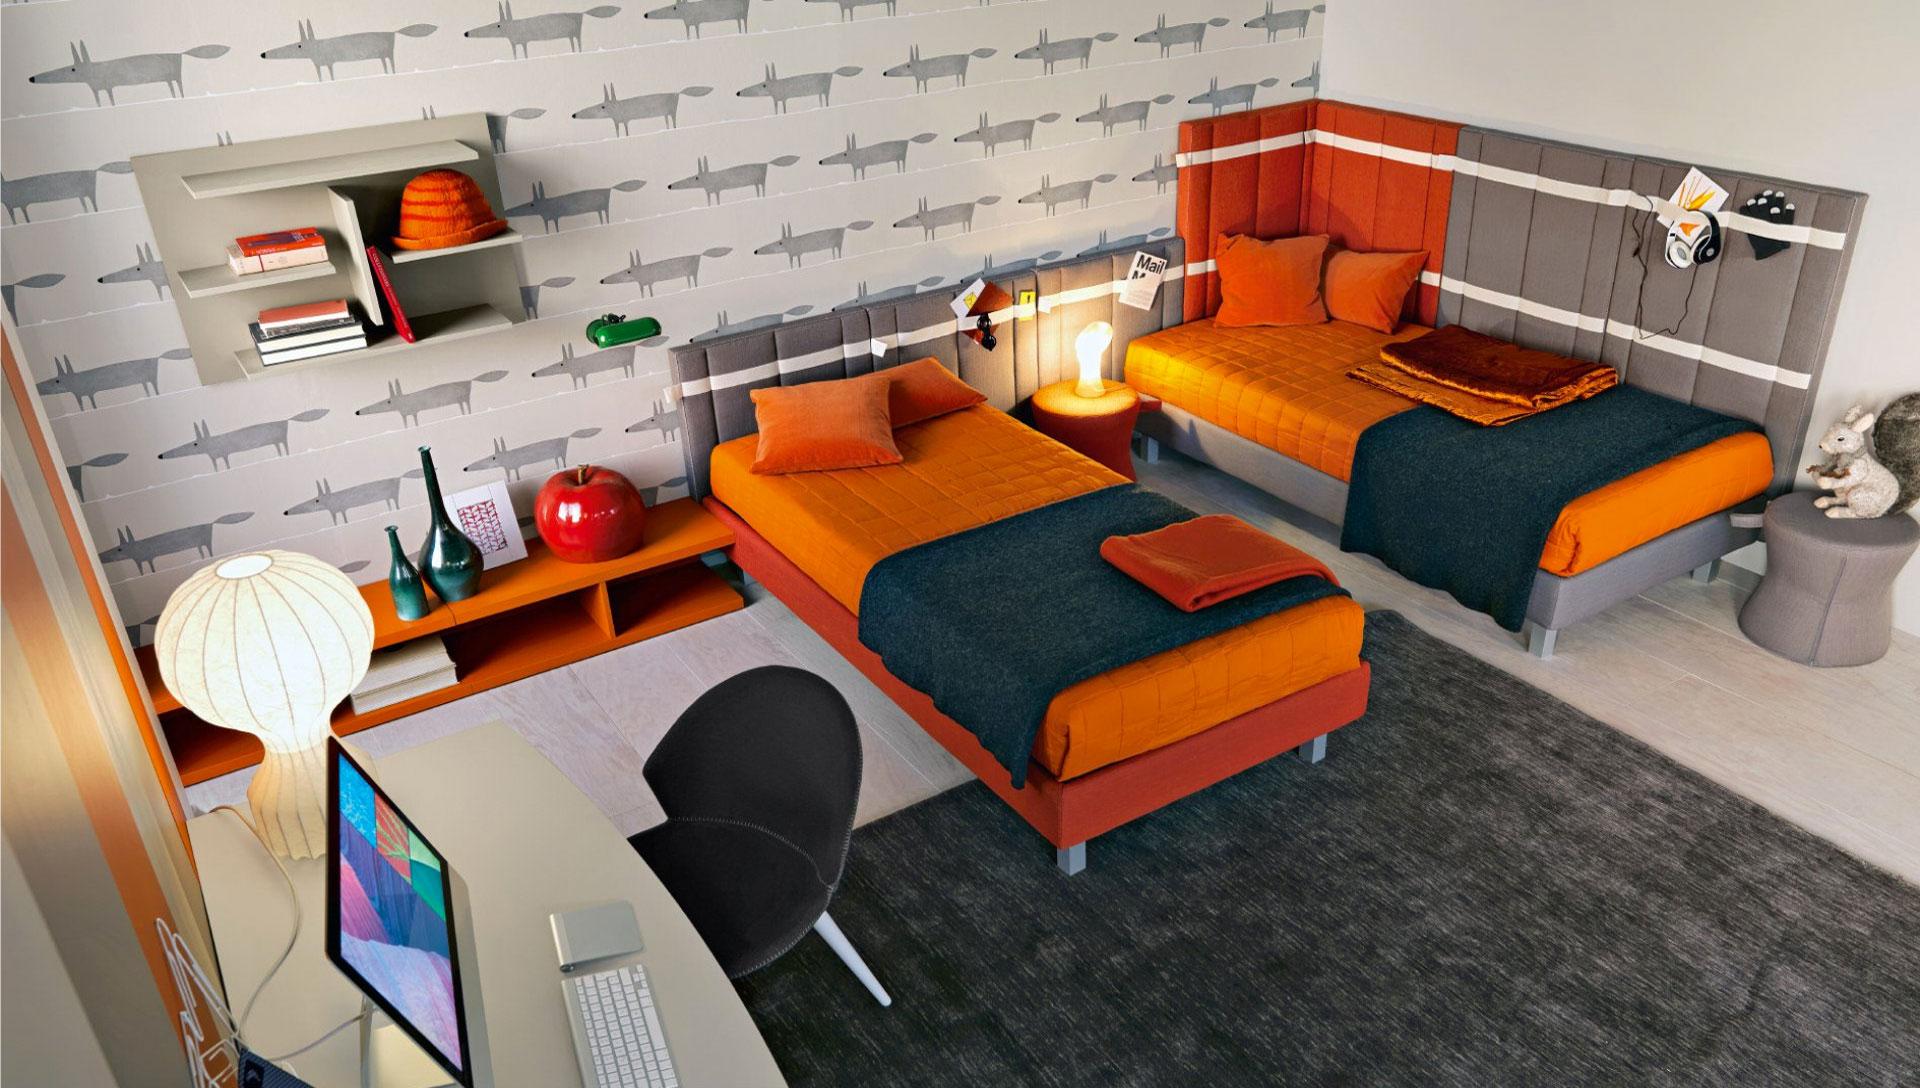 zona-notte-nardi-comodus-arredamenti-nicoletti-interni-interior-design-divani-complementi-arredo-mobili-design-accessori-matera